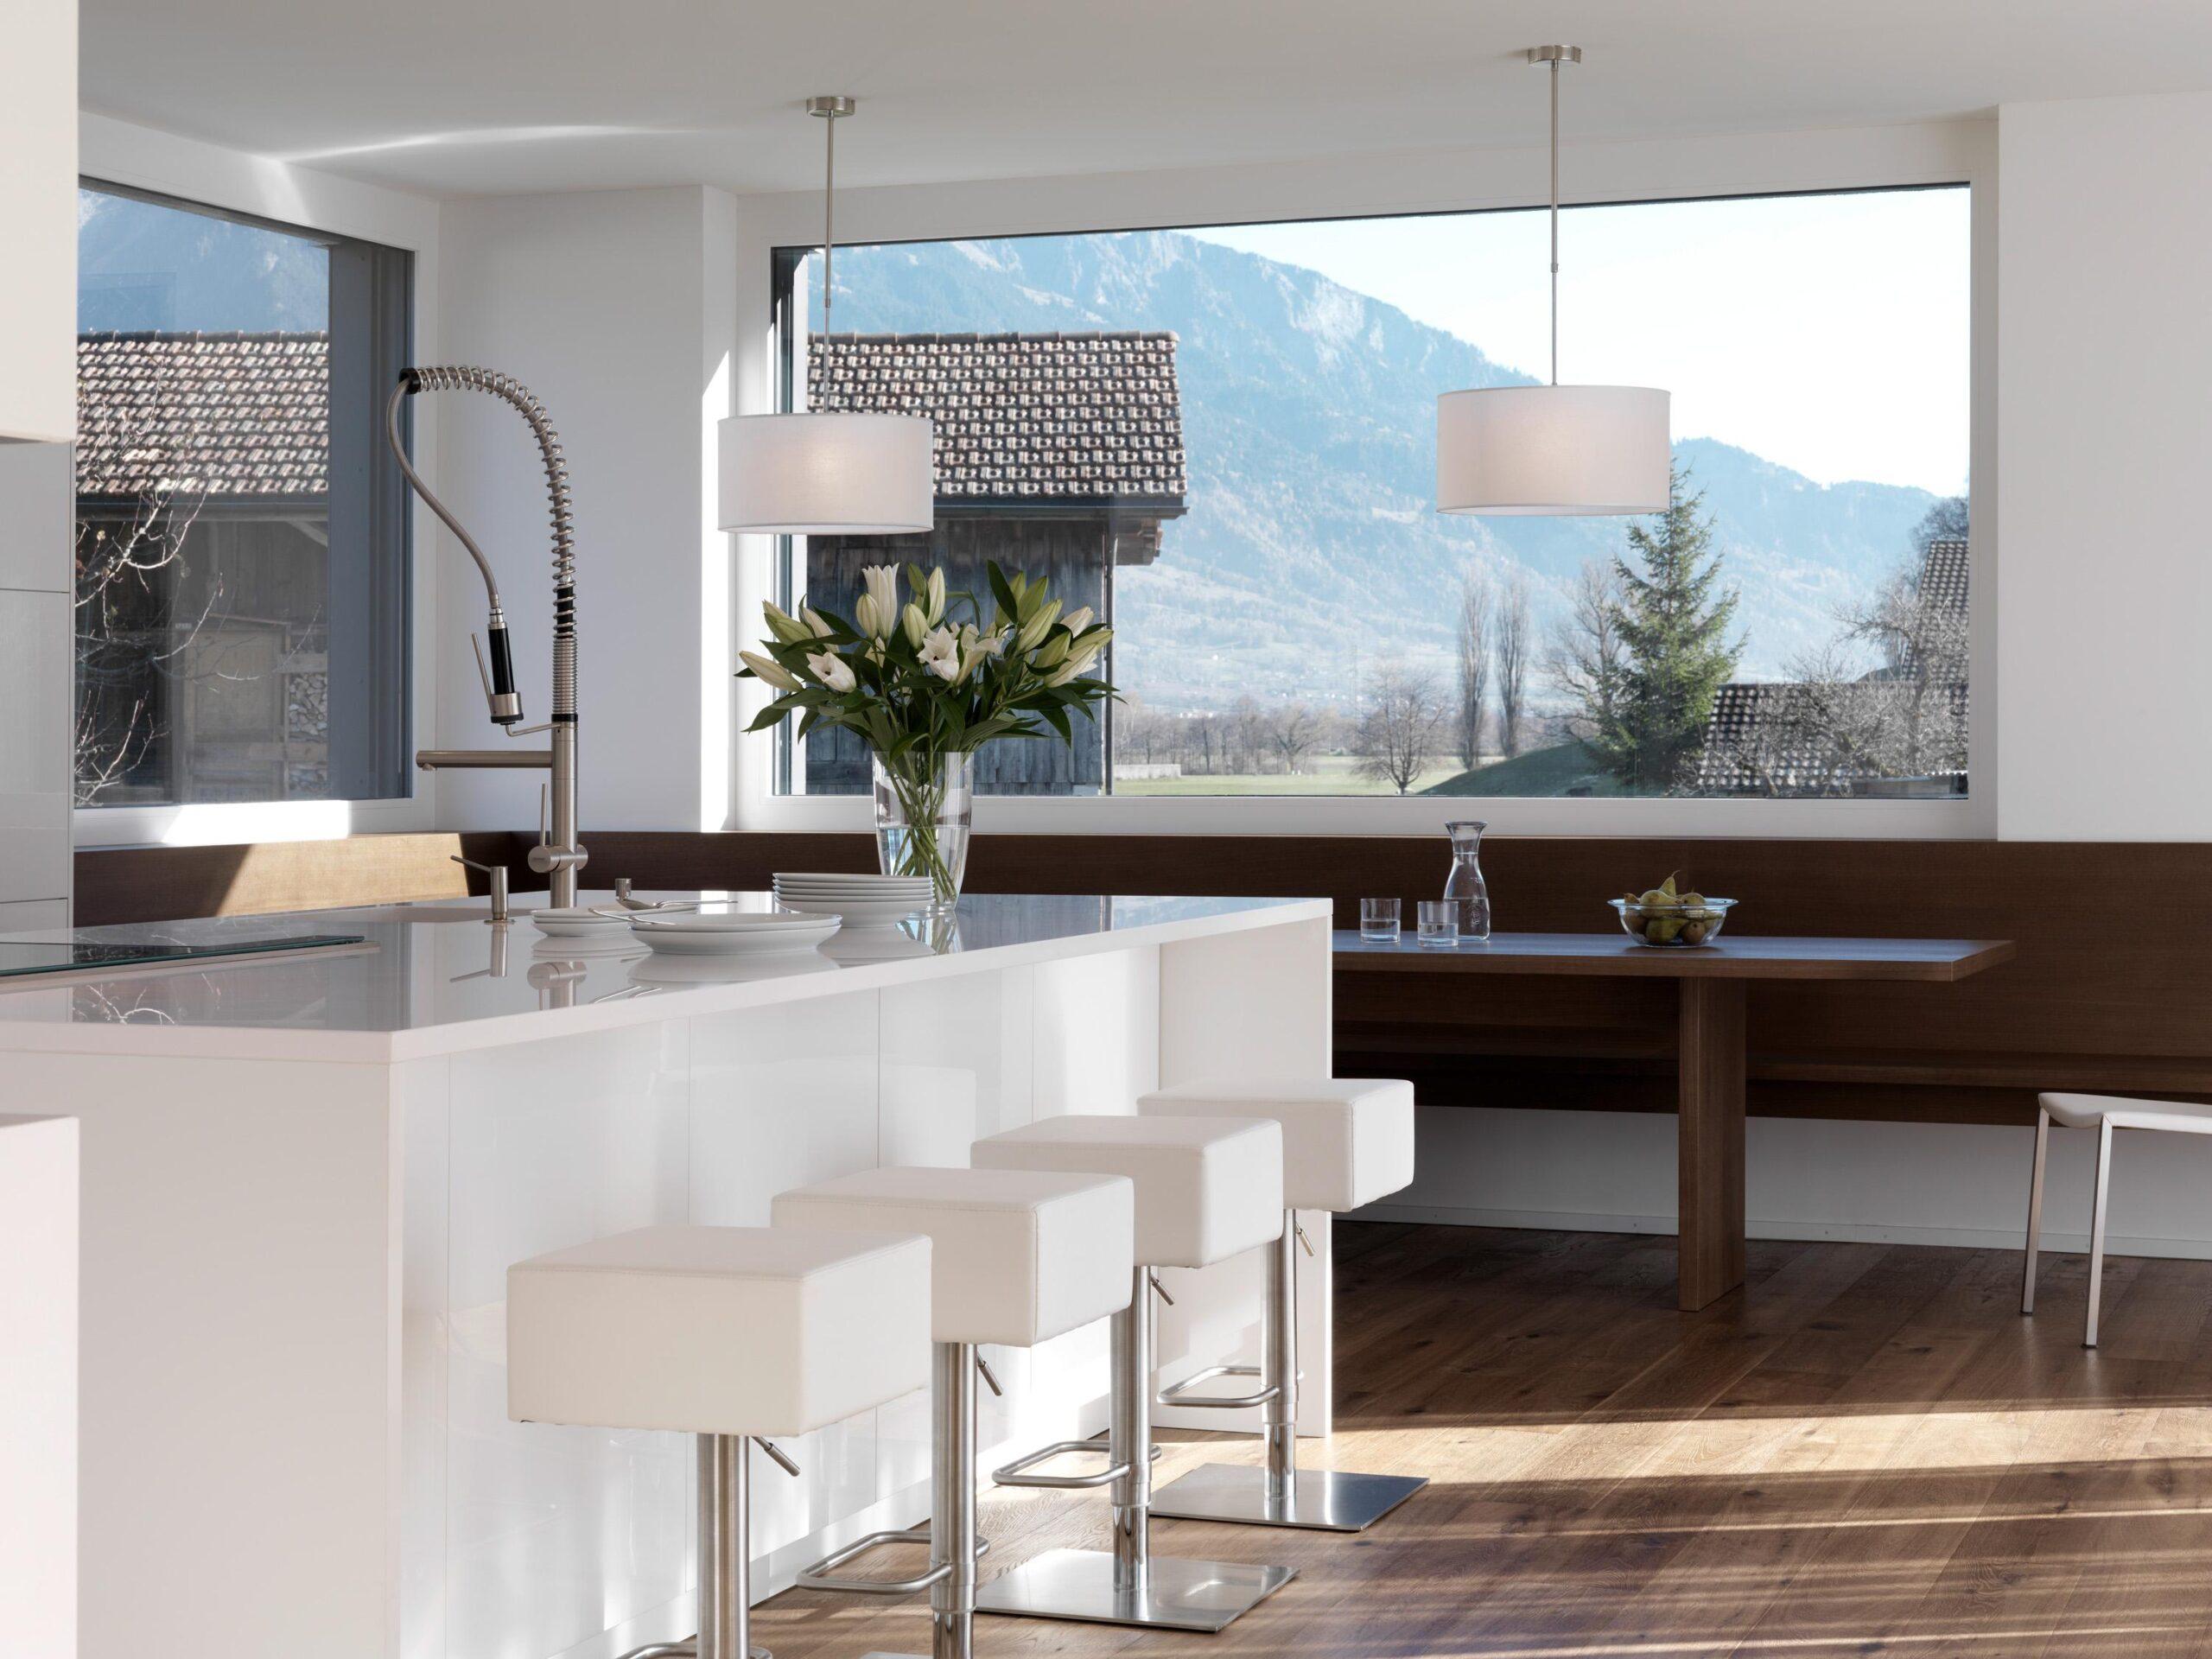 Full Size of Kücheninsel Hlzerne Kcheninsel Bilder Ideen Couch Wohnzimmer Kücheninsel